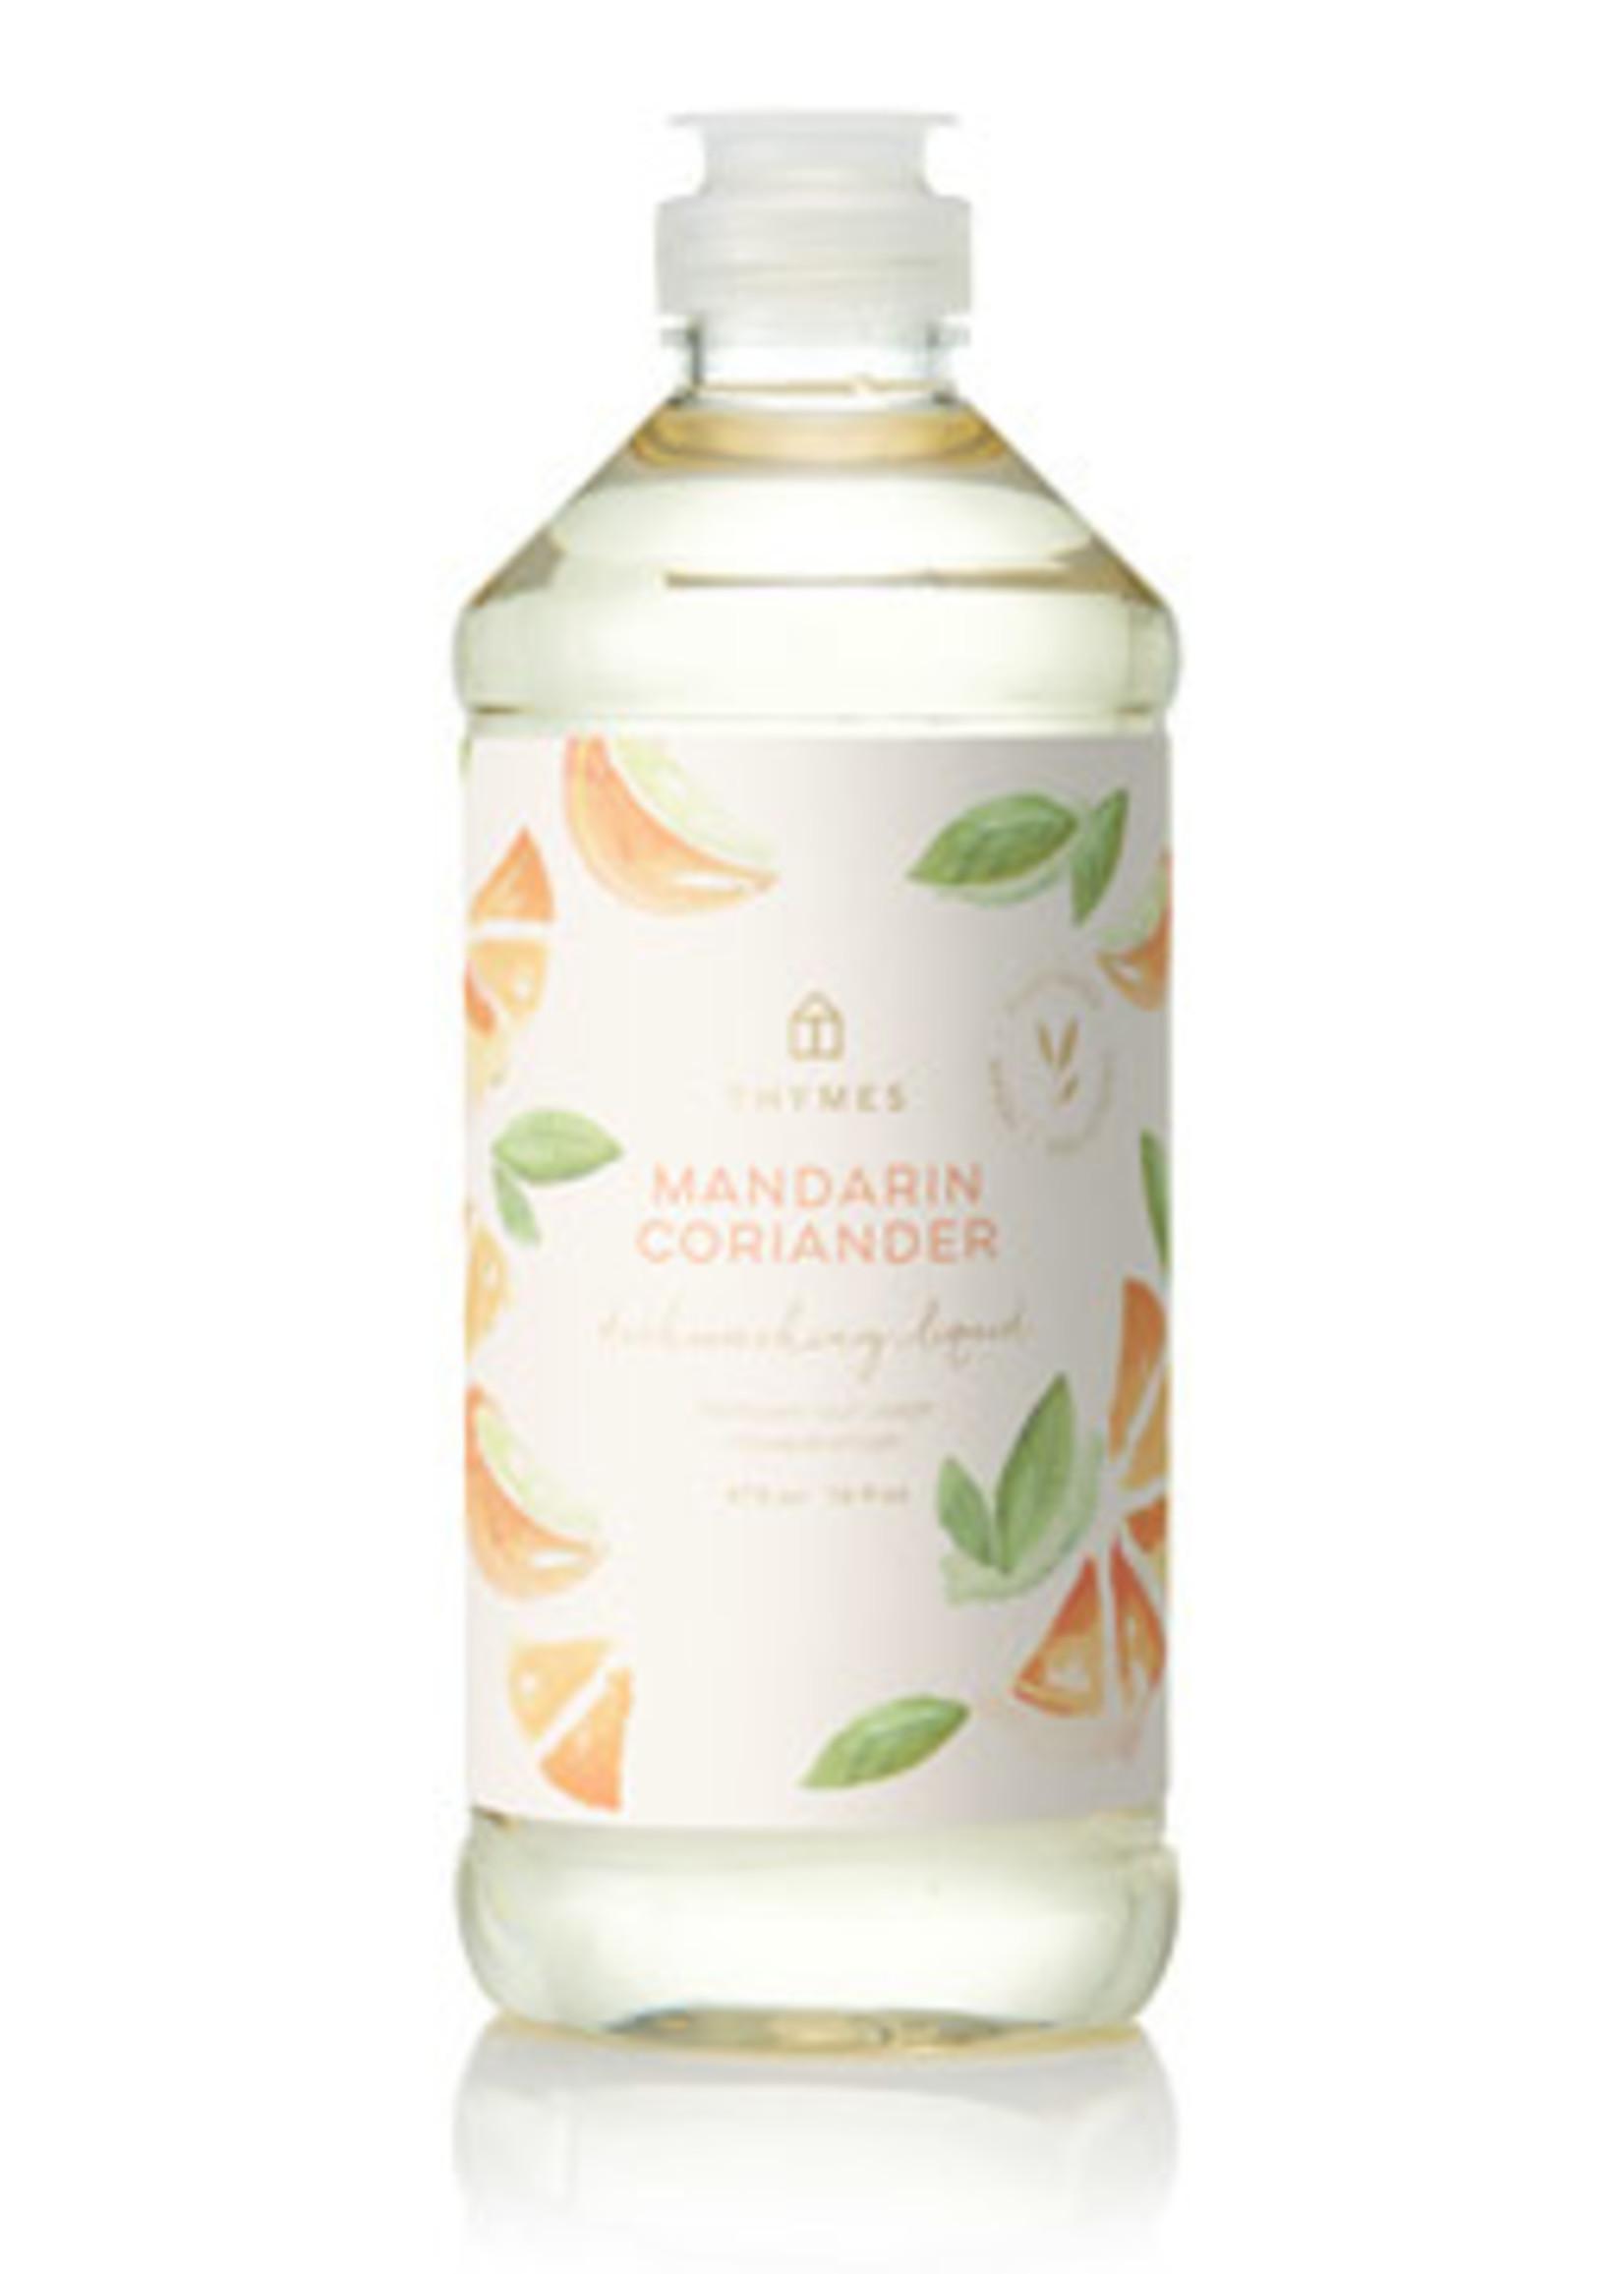 Thymes Mandarin Coriander Dishwashing Liquid